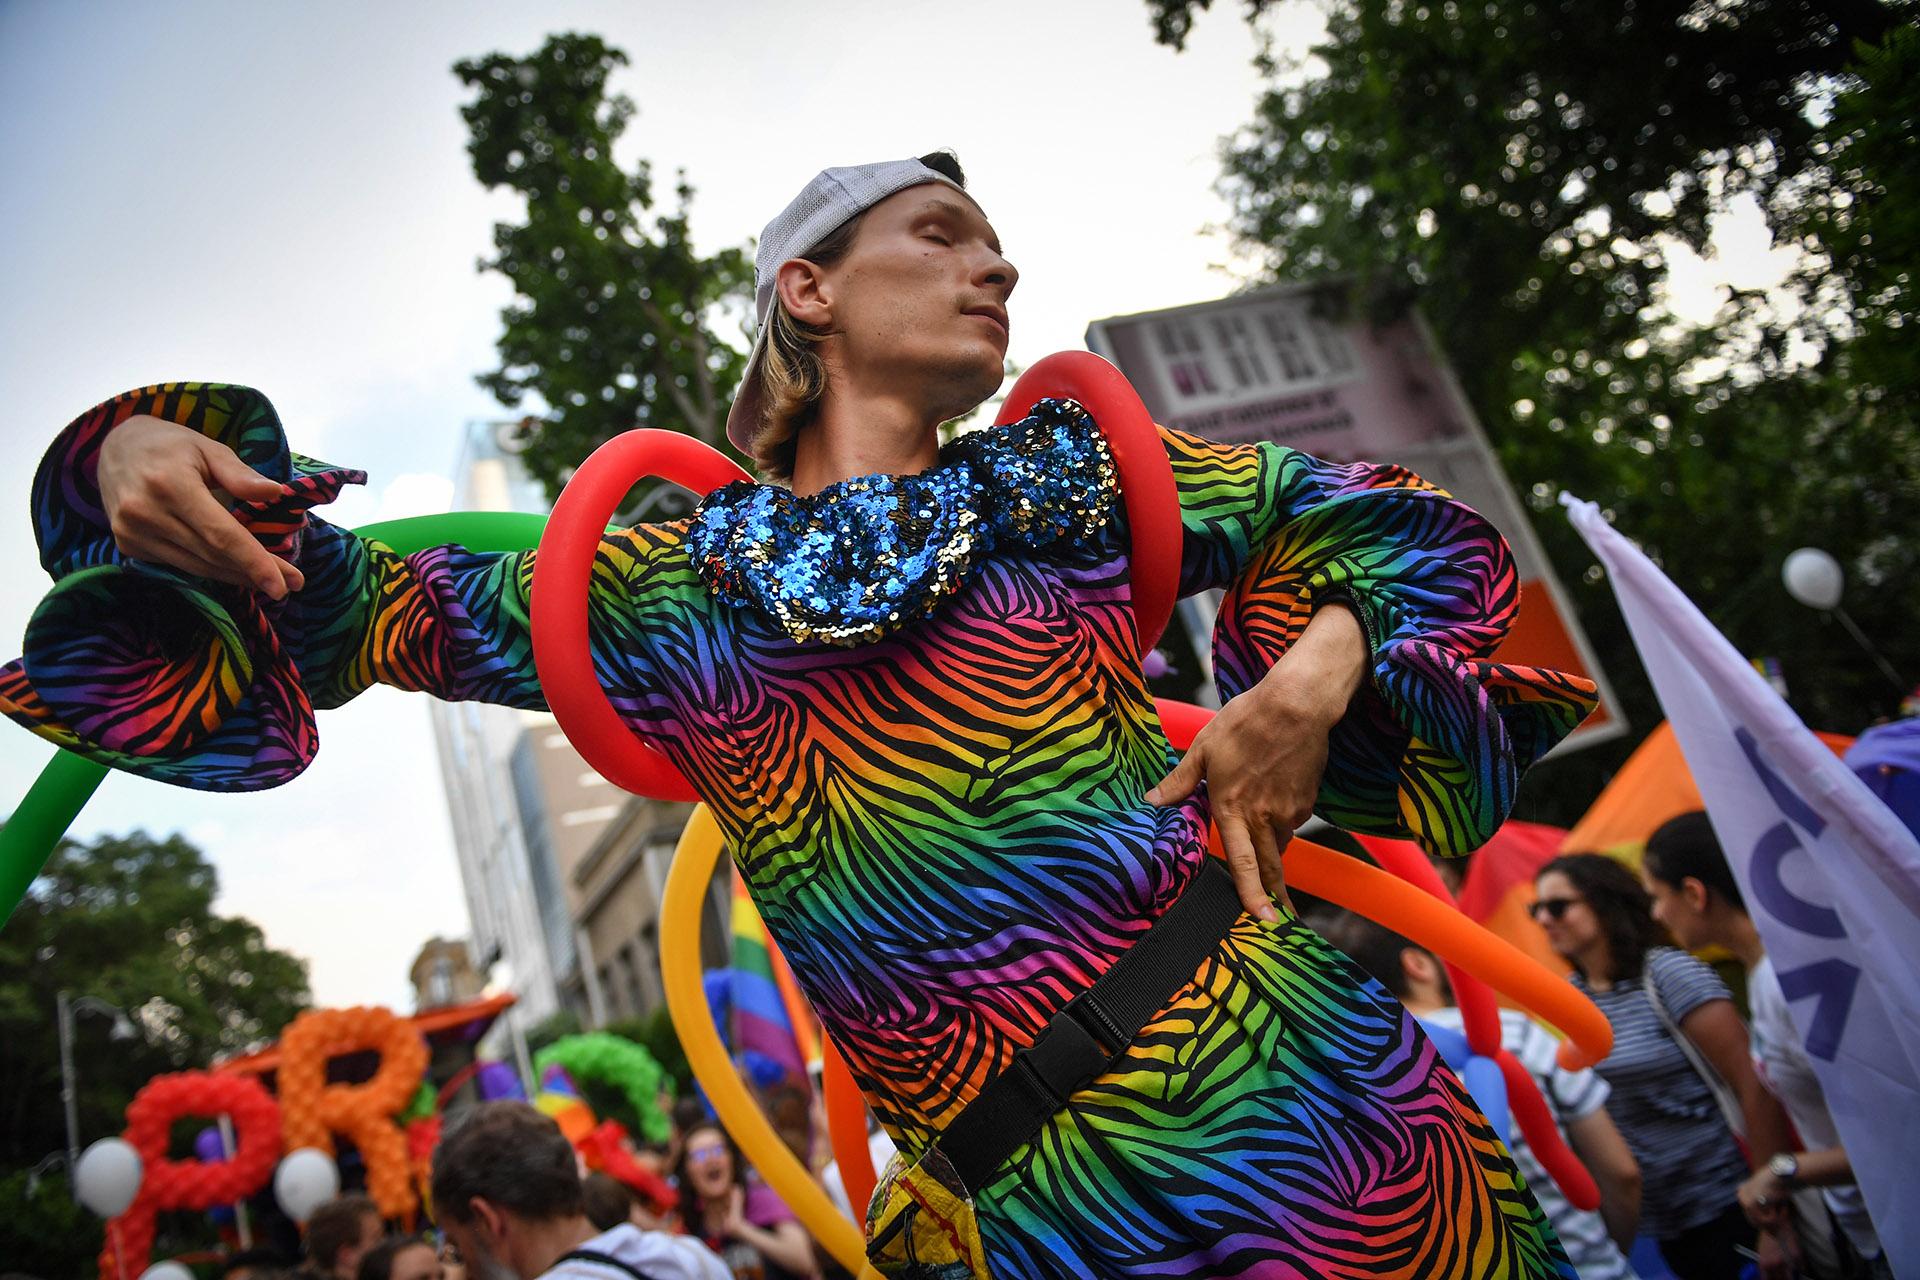 En Bucarest, Rumania, miles de personas celebraron el LGBTQI Pride Parade en el centro. Festejaron el hecho de que18 años se revocara el artículo número 200 de la Constitución que prohibía cualquier tipo de relación homosexual, tanto pública como privada. Familias, amigos,ONGS y comunidades pertenecientes al movimiento LGBTQI participaron para apoyar a la igualdad de los derechos humanos en Rumania